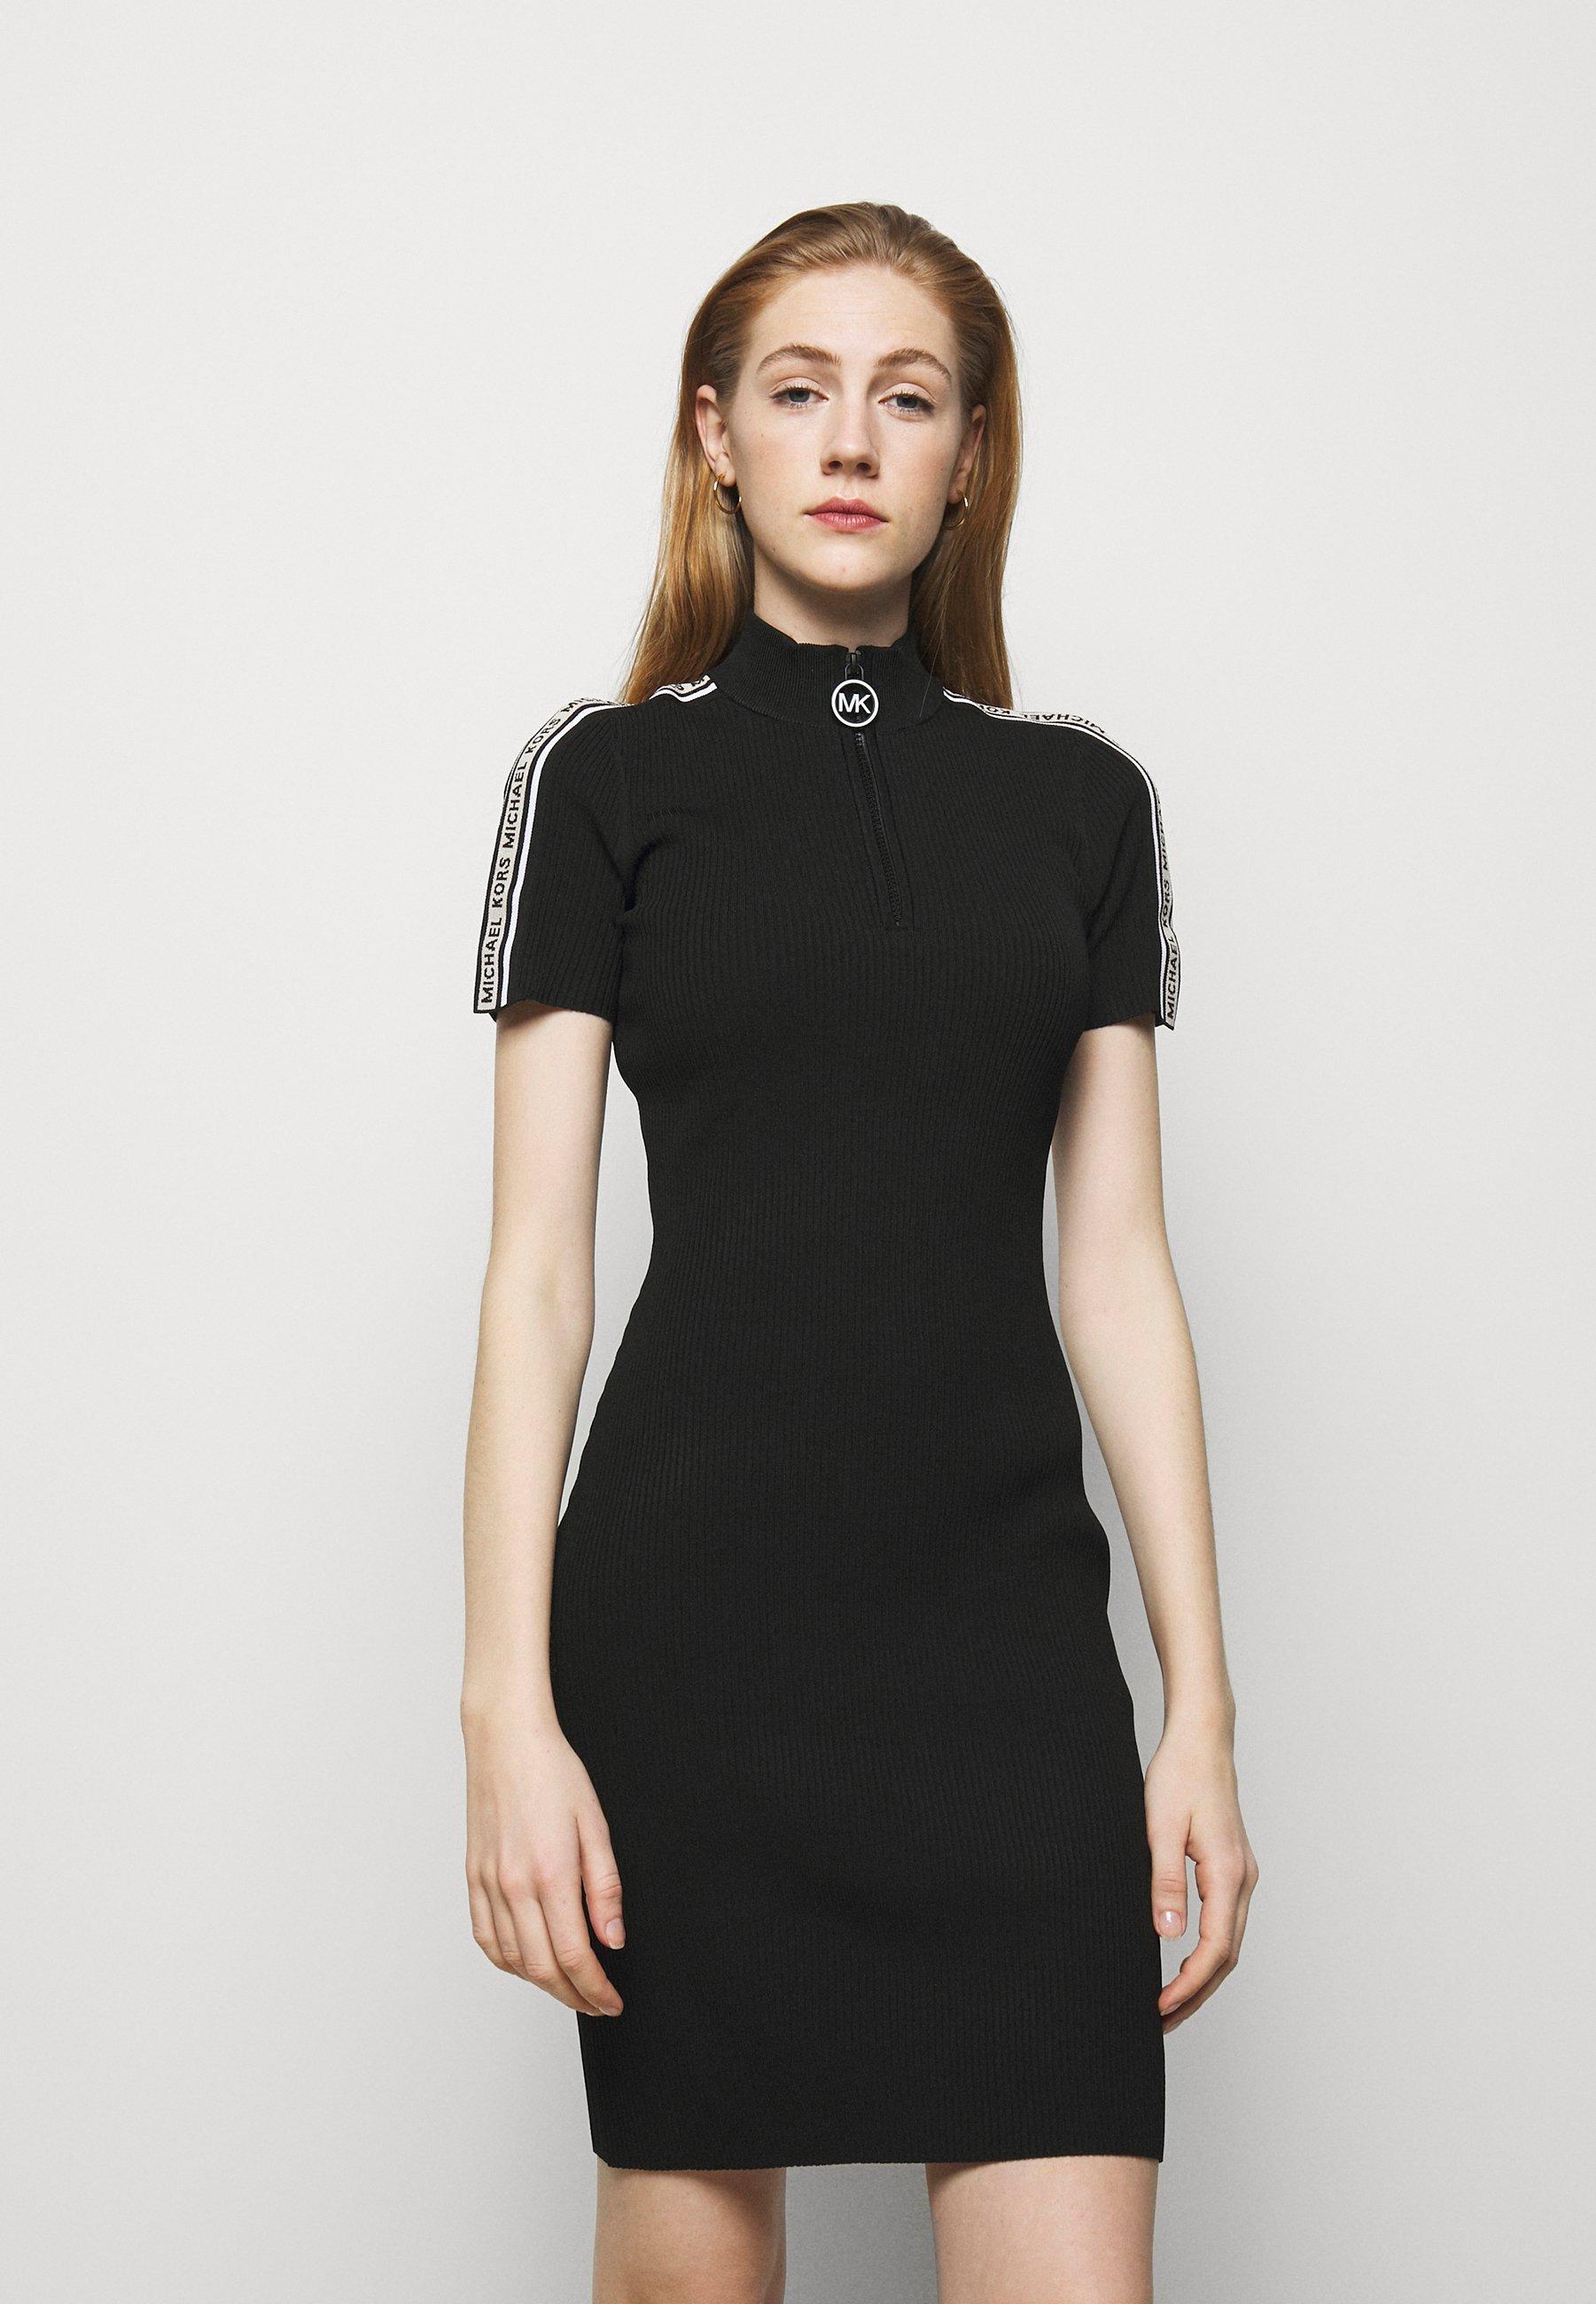 Femme HALF ZIP LOGO TAPE DRESS - Robe pull